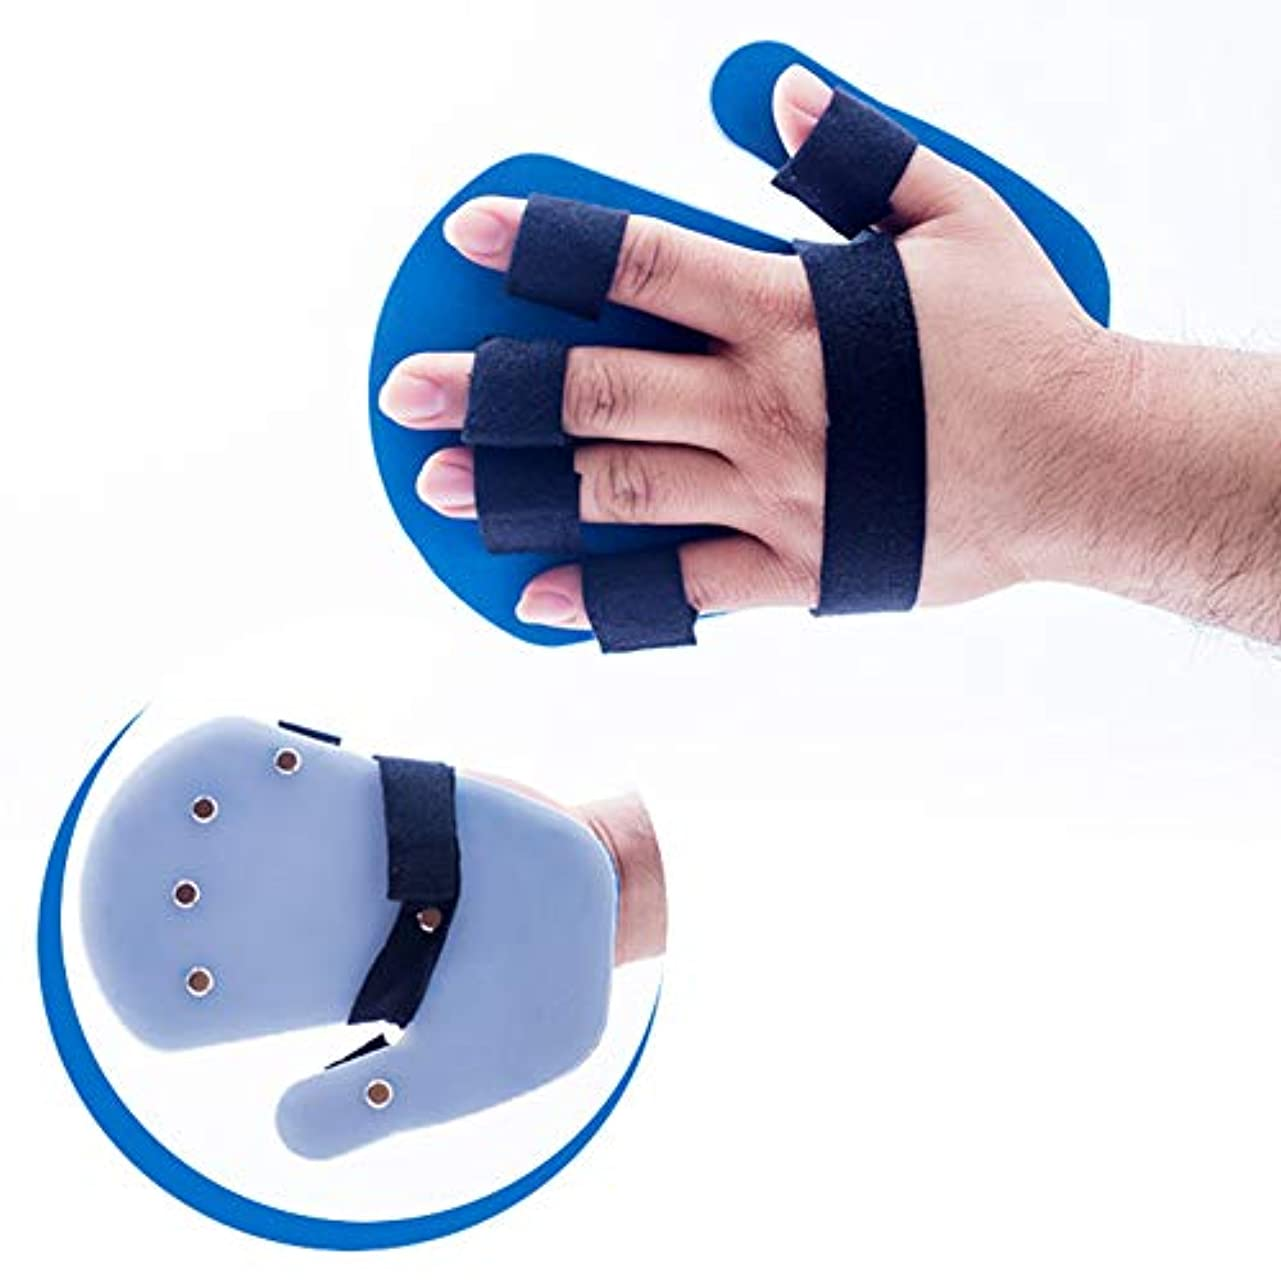 世論調査スピーカー通行人指のサポートスプリント親指手首の傷害回復スプリントフィンガーセパレーター手アライナー手根管関節の痛み軽減装具指サポートトレーニングブラケット,righthand